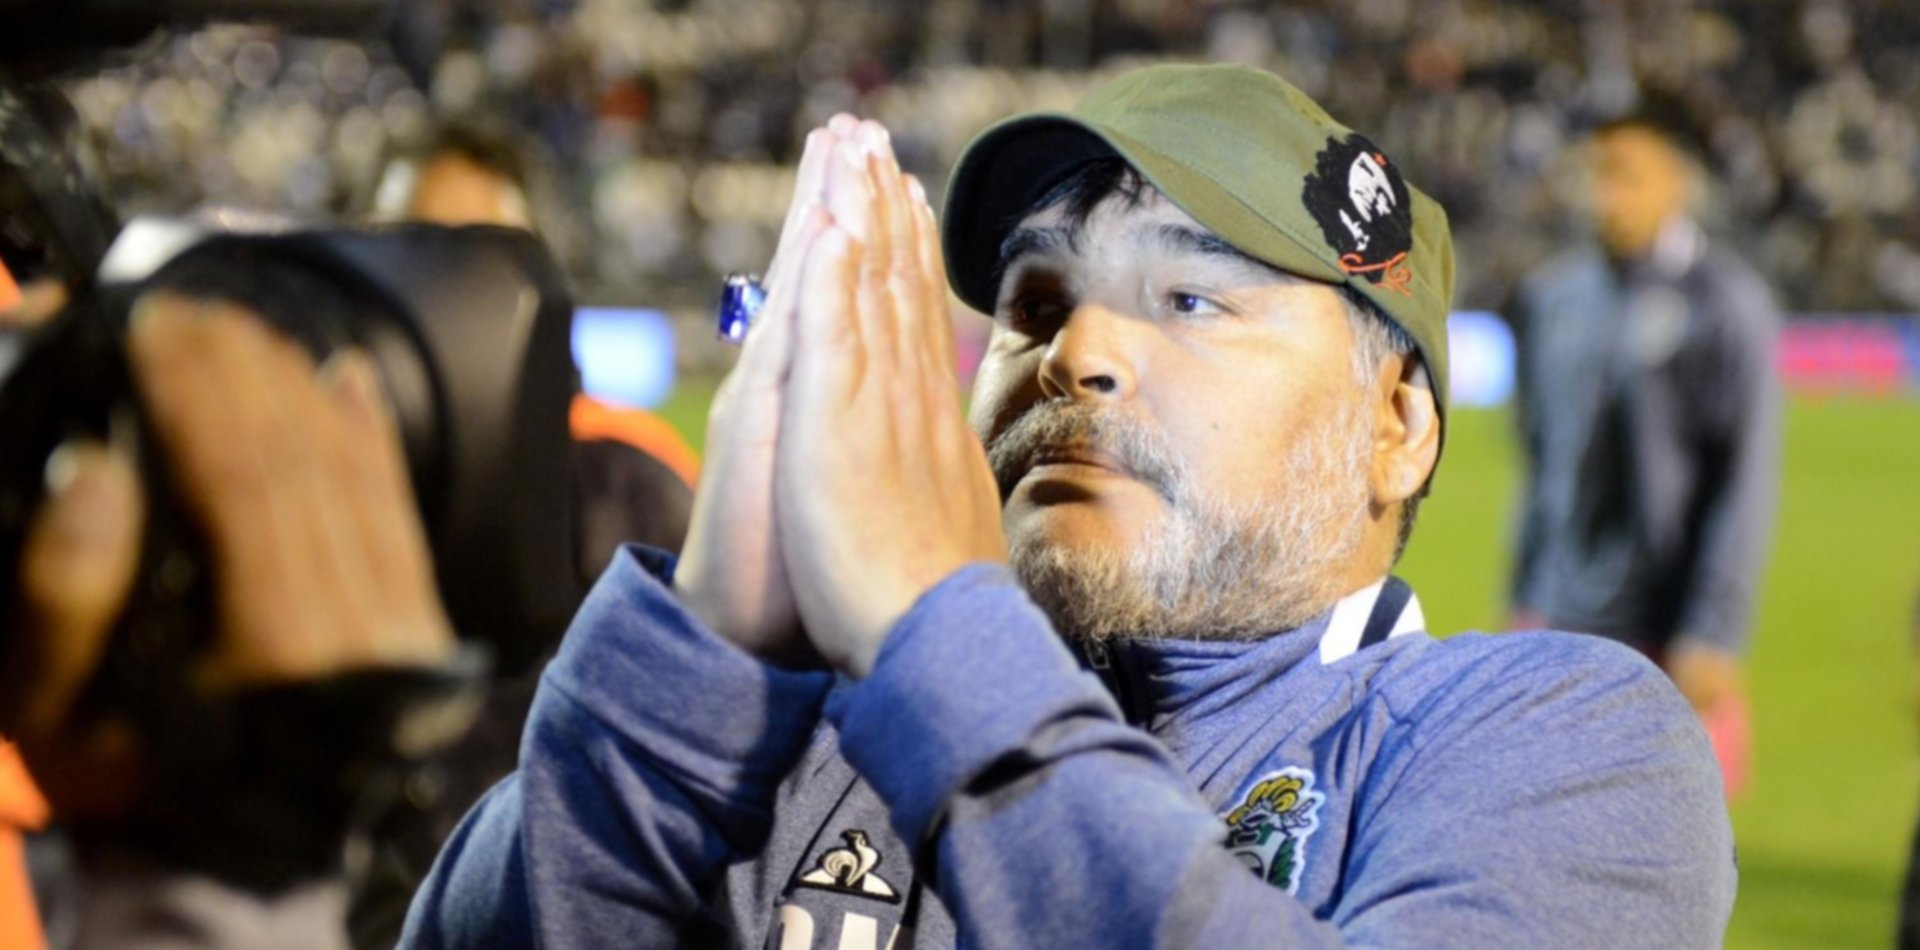 Pelusa, la Selección y técnico de Gimnasia: enorme mural de Diego Maradona